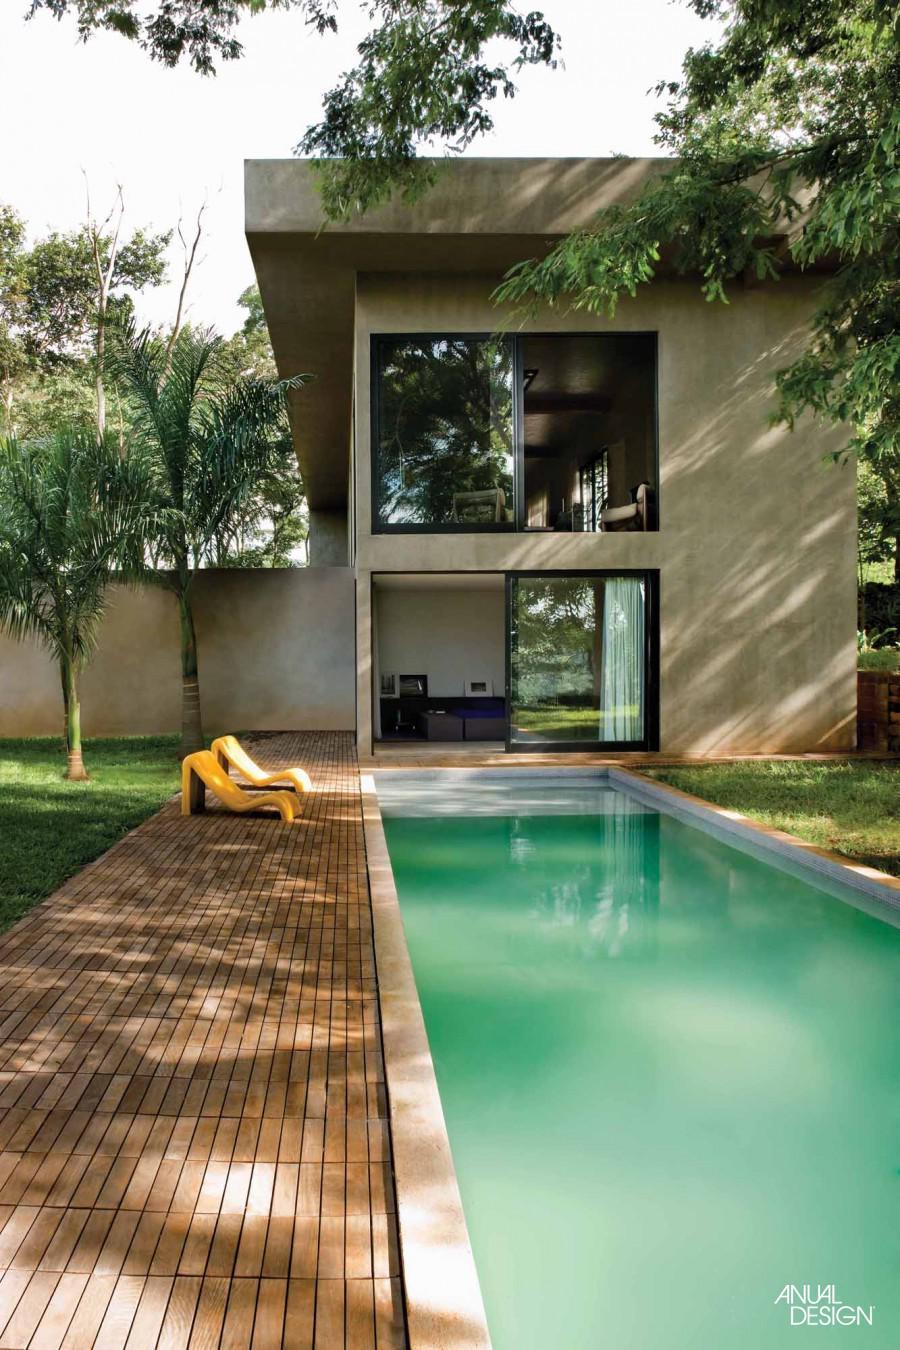 O formato da piscina foi o ponto chave para delimitar a área de deck